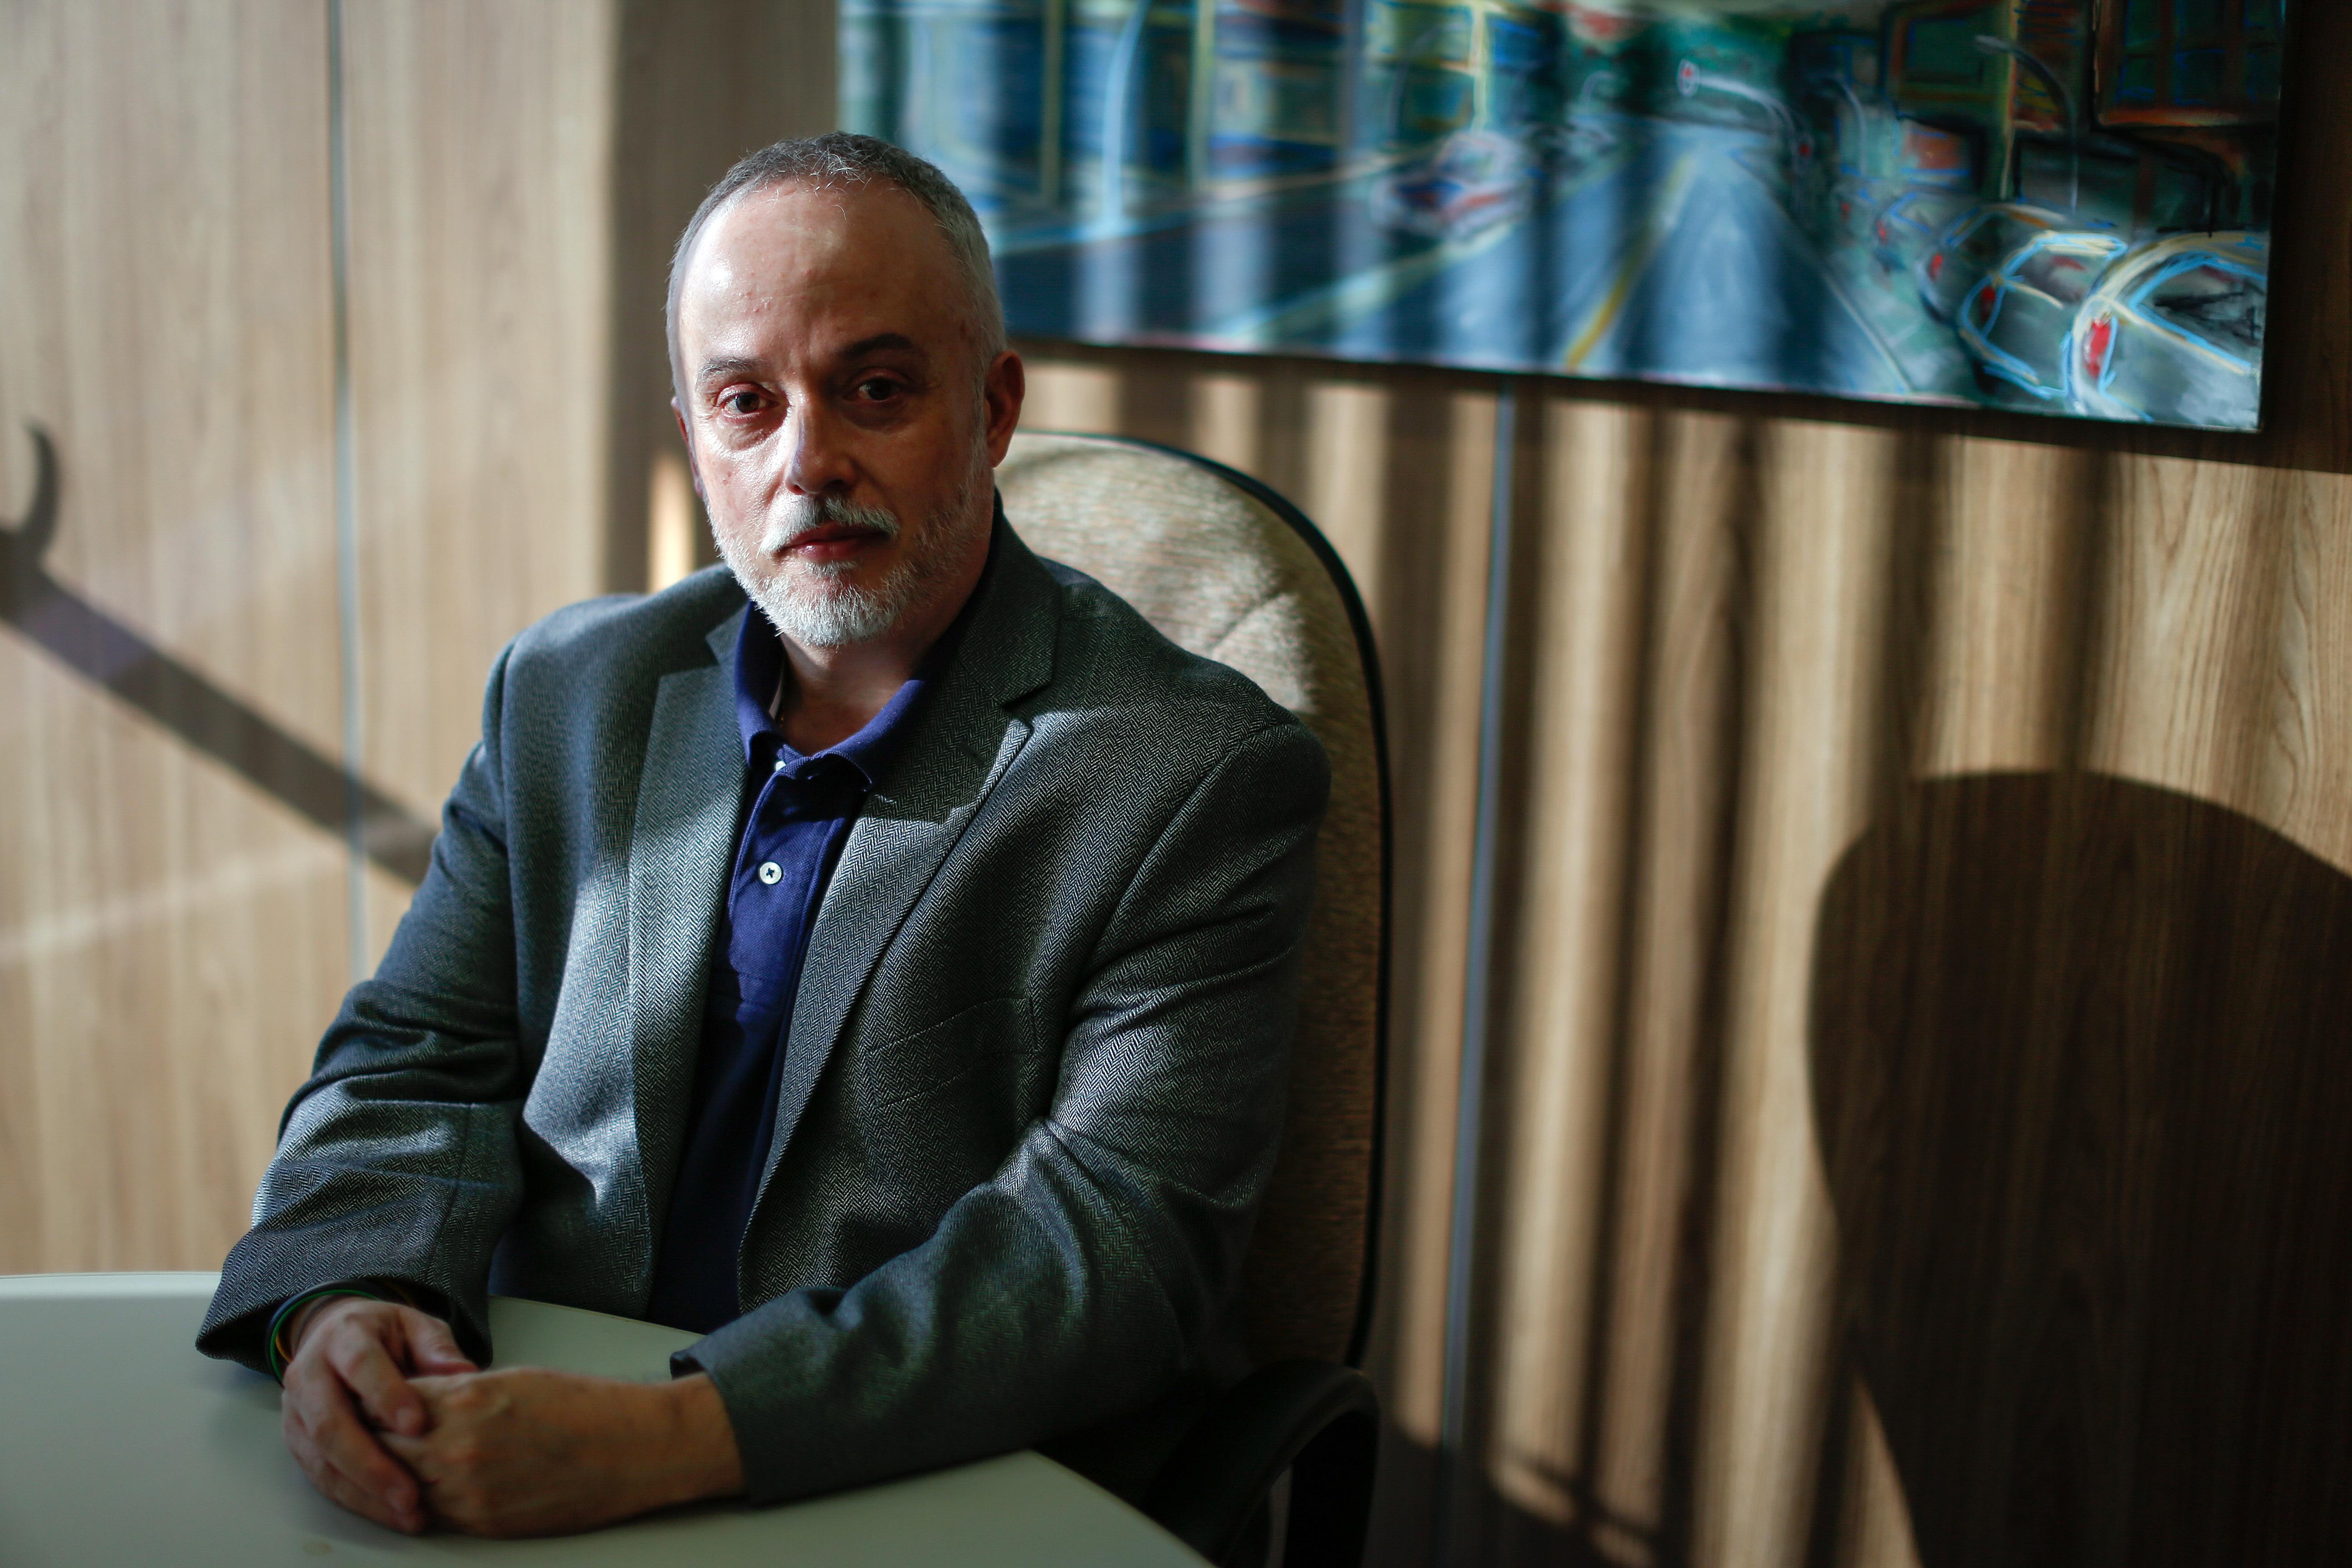 IMAGEM: Carlos Fernando dos Santos Lima: Sou amigo do Gandola